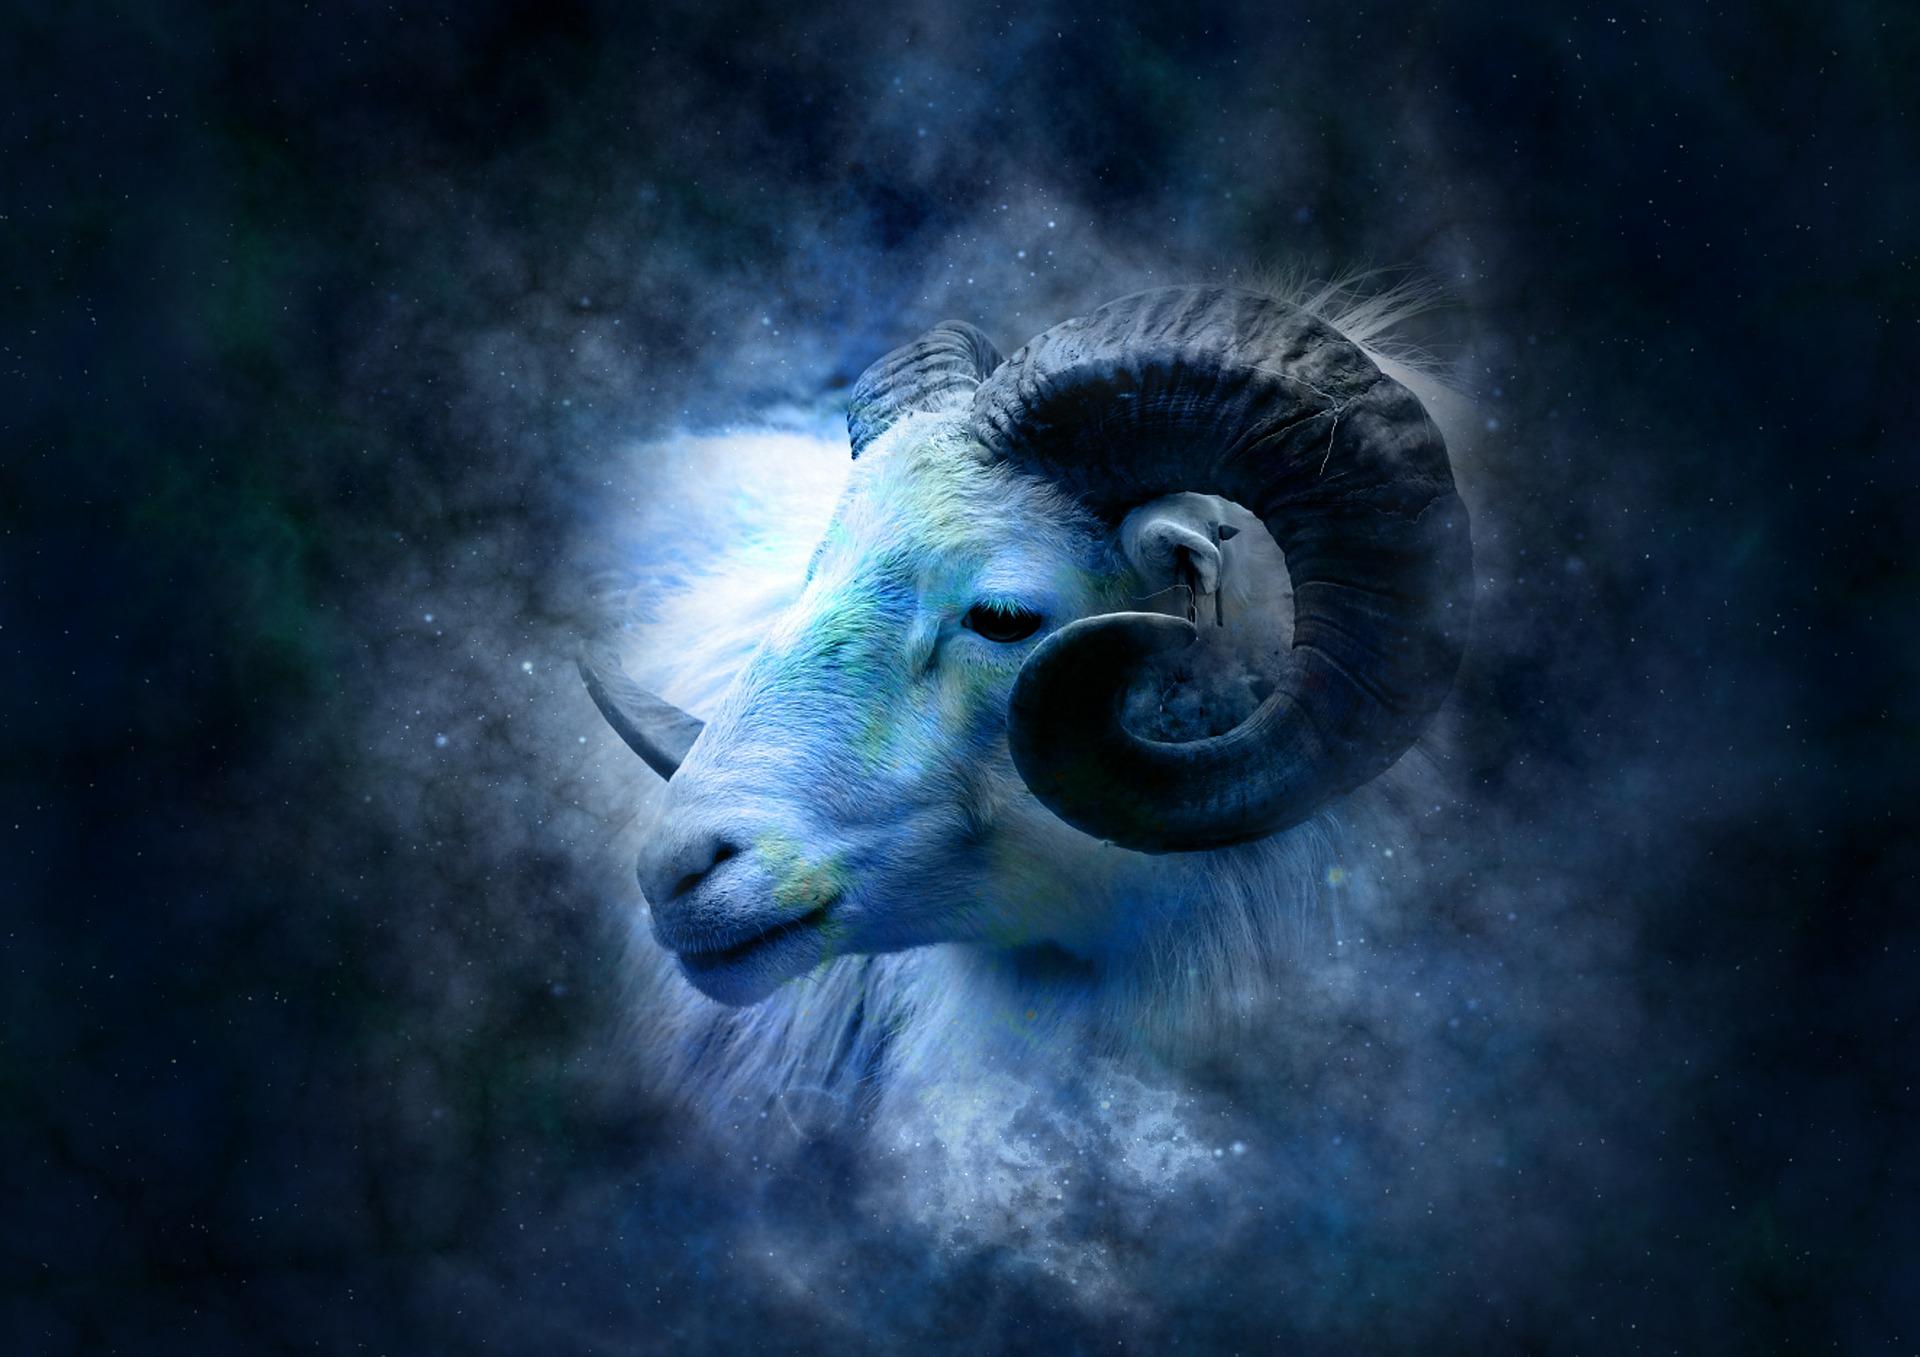 horoscope-639126_1920.jpg